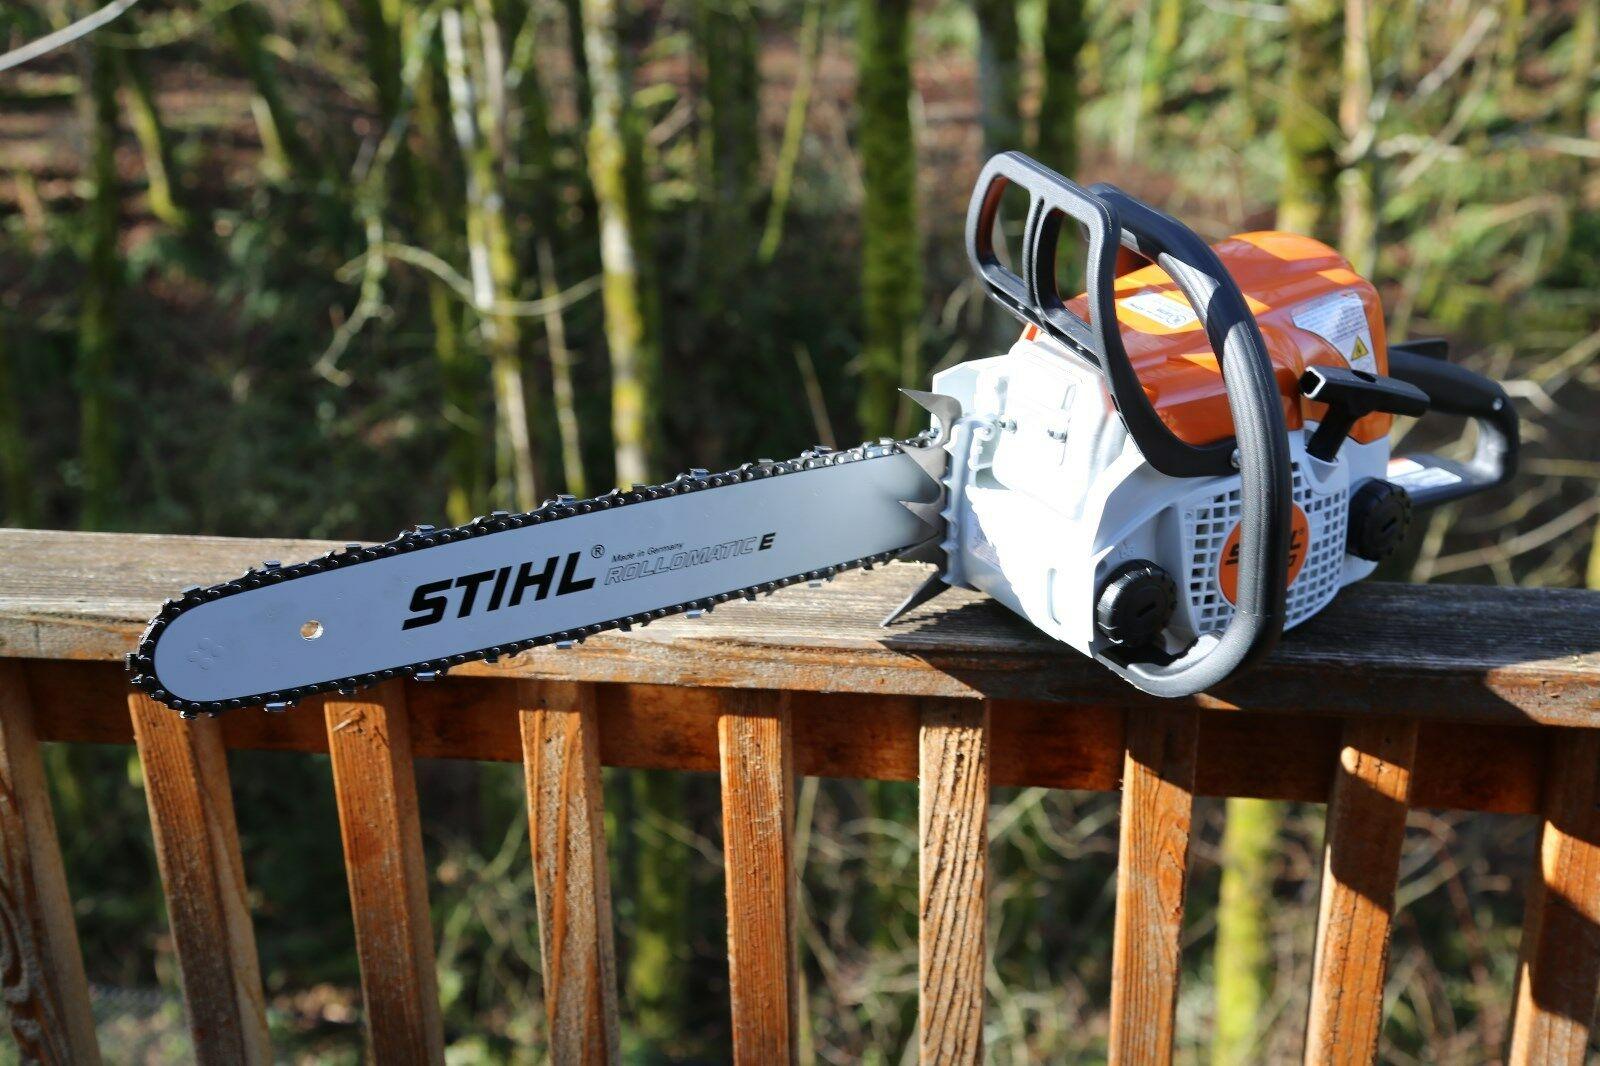 Бензопила stihl ms 261c-m (1141 200 0501) купить за 49990 руб в перми, отзывы, видео обзоры и характеристики